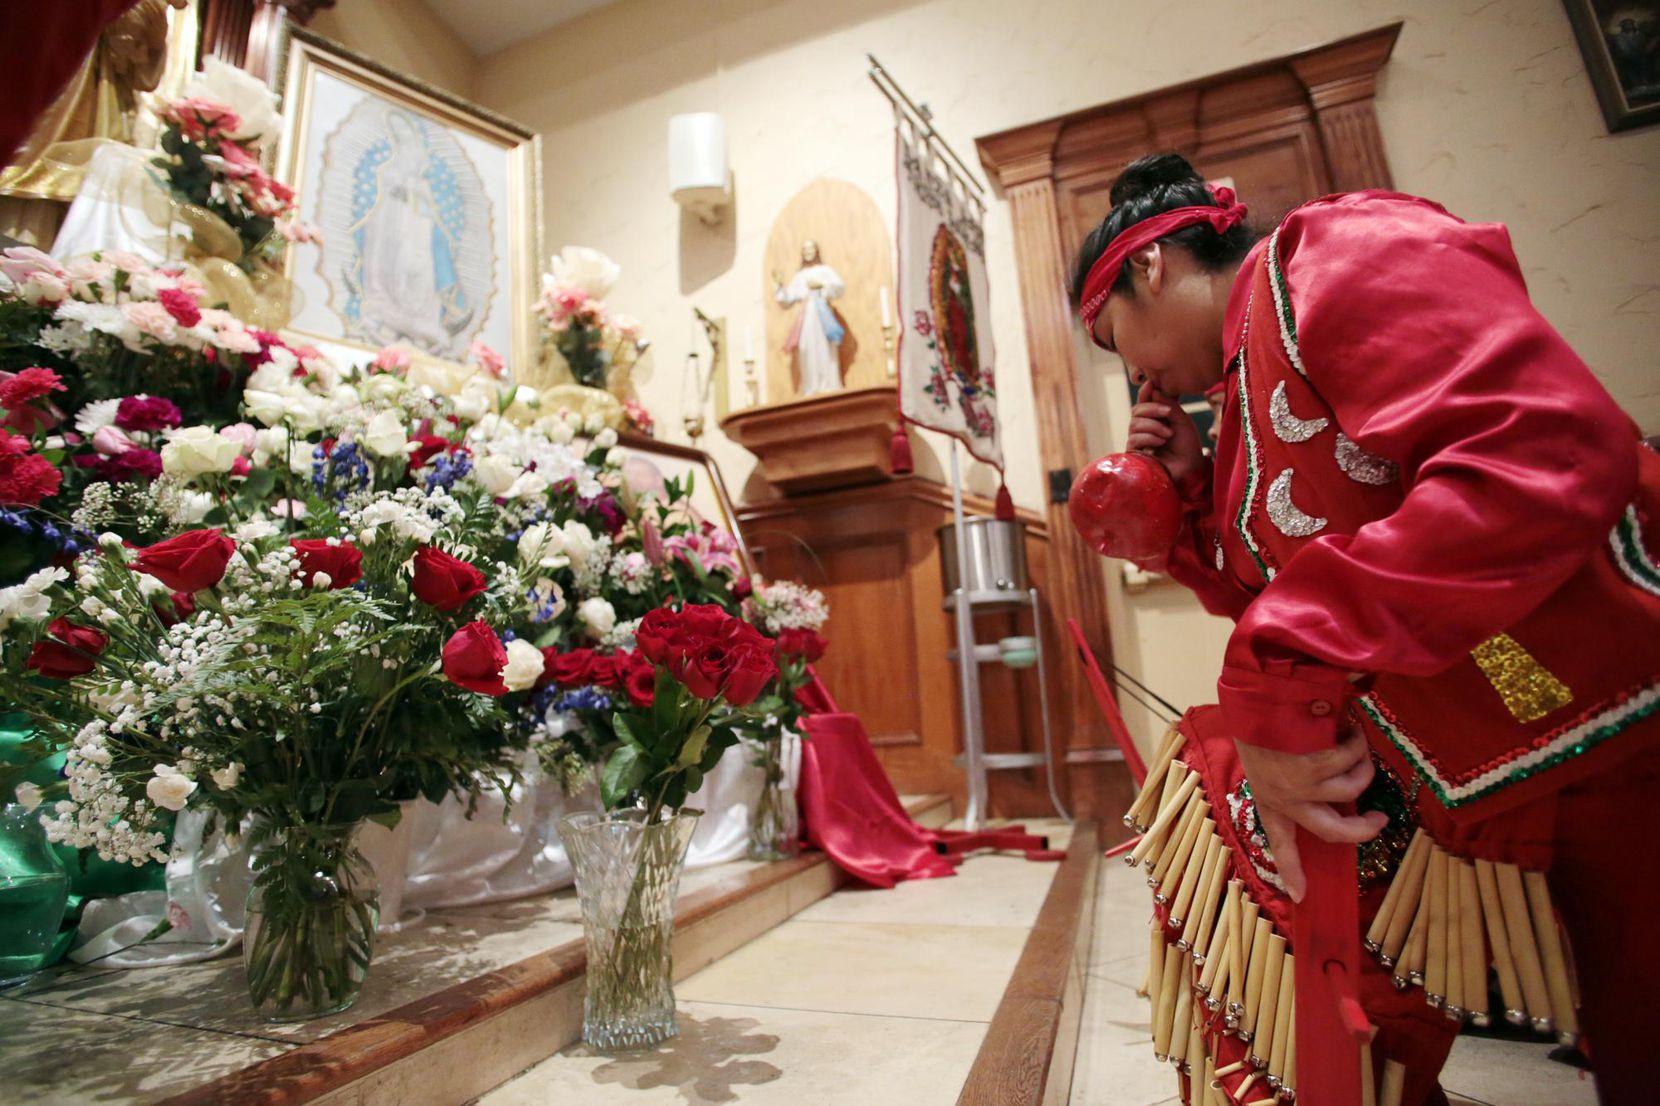 Los matachines son parte de la tradición del Día de la Virgen de Guadalupe. El conjunto Danza las Tres Lunas lleva meses preparándose para estas celebraciones. MARÍA OLIVAS/ESPECIAL PARA AL DÍA